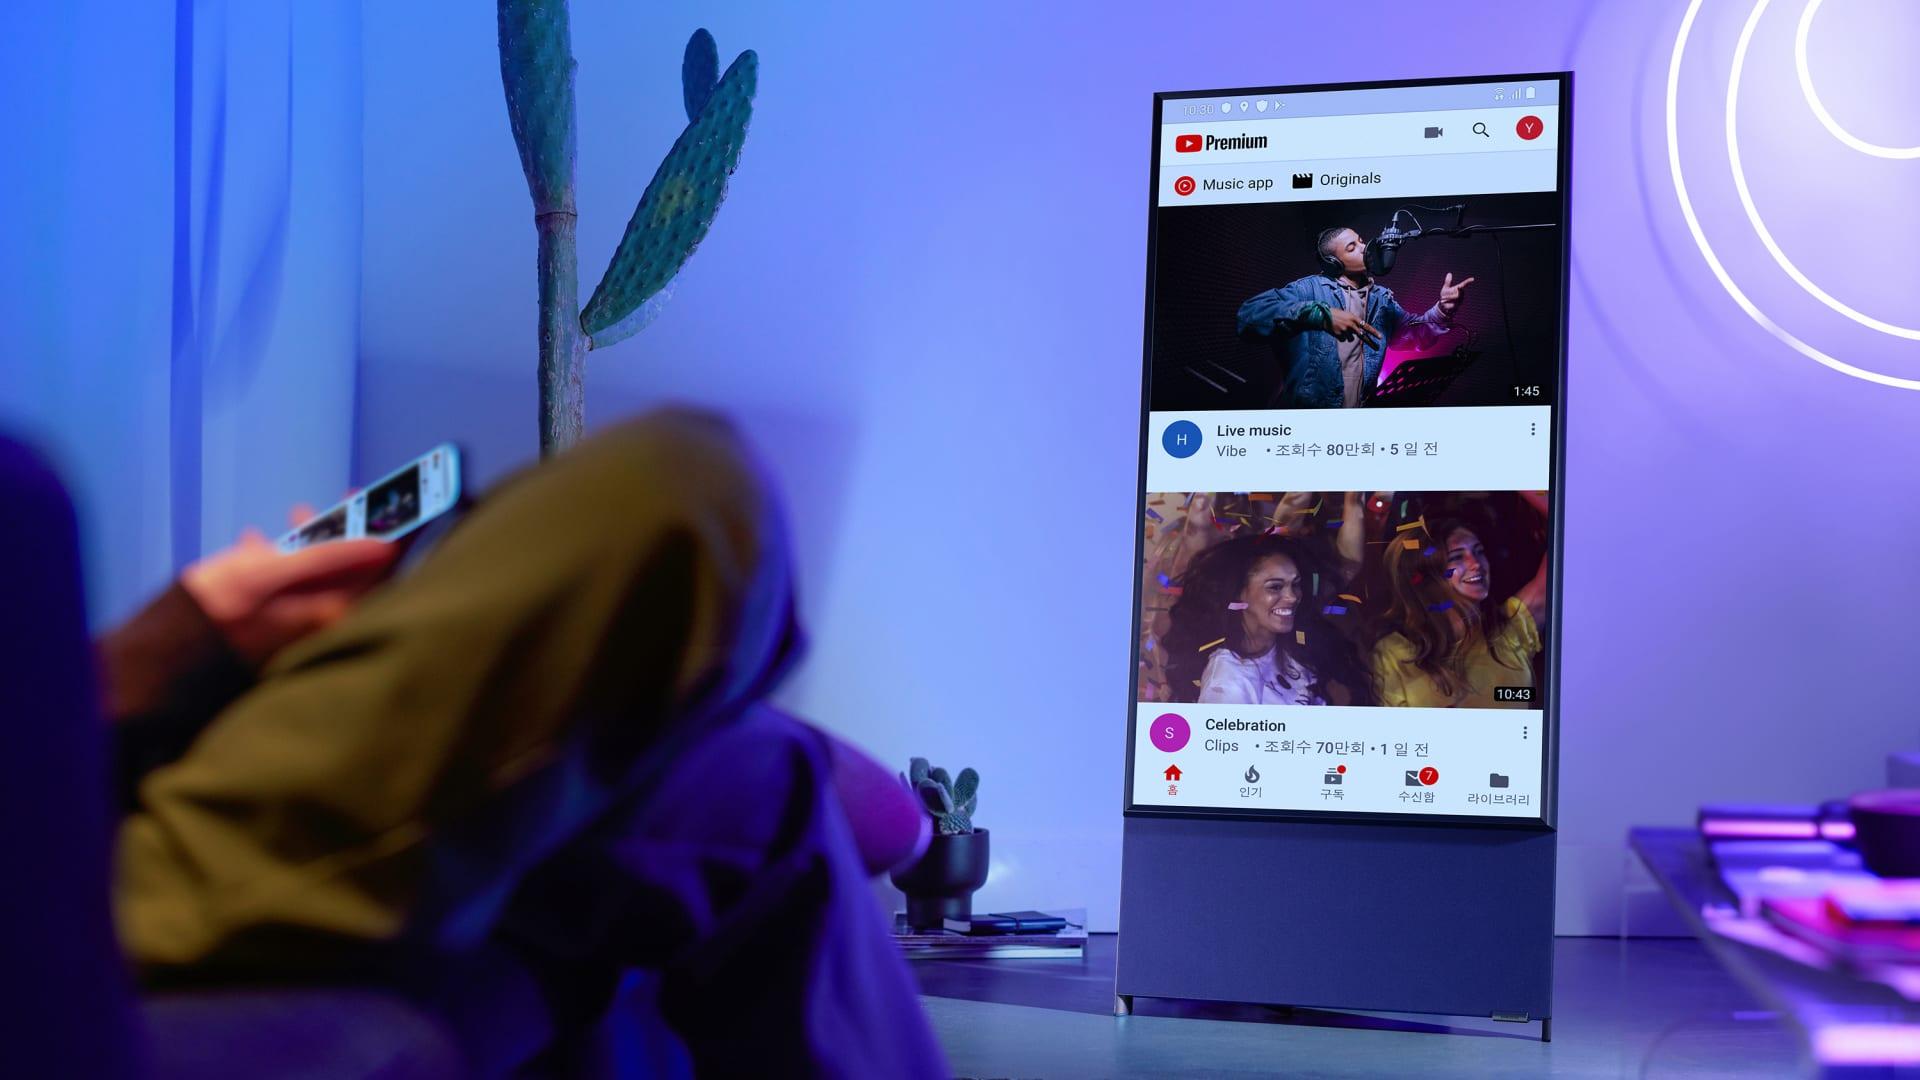 تلفاز جديد من سامسونغ صمم لجيل الألفية الجديد.. ماذا يميزه؟